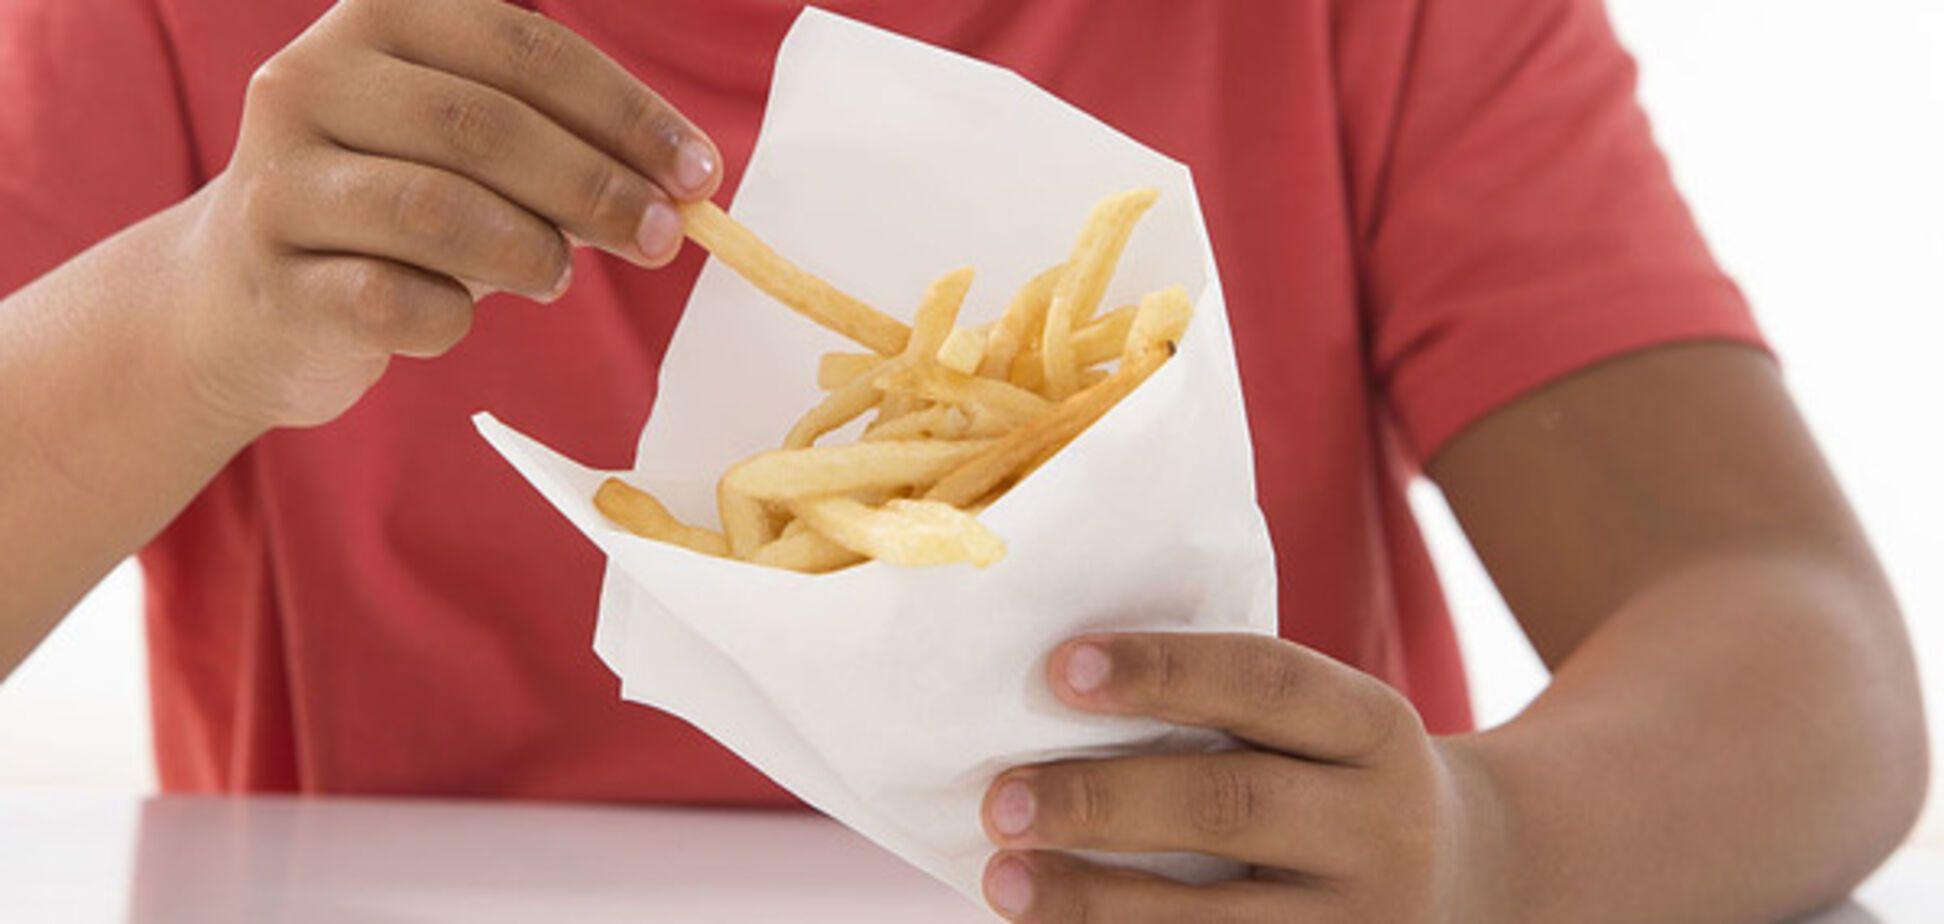 Ученые объяснили, почему вредная пища очень популярна среди детей